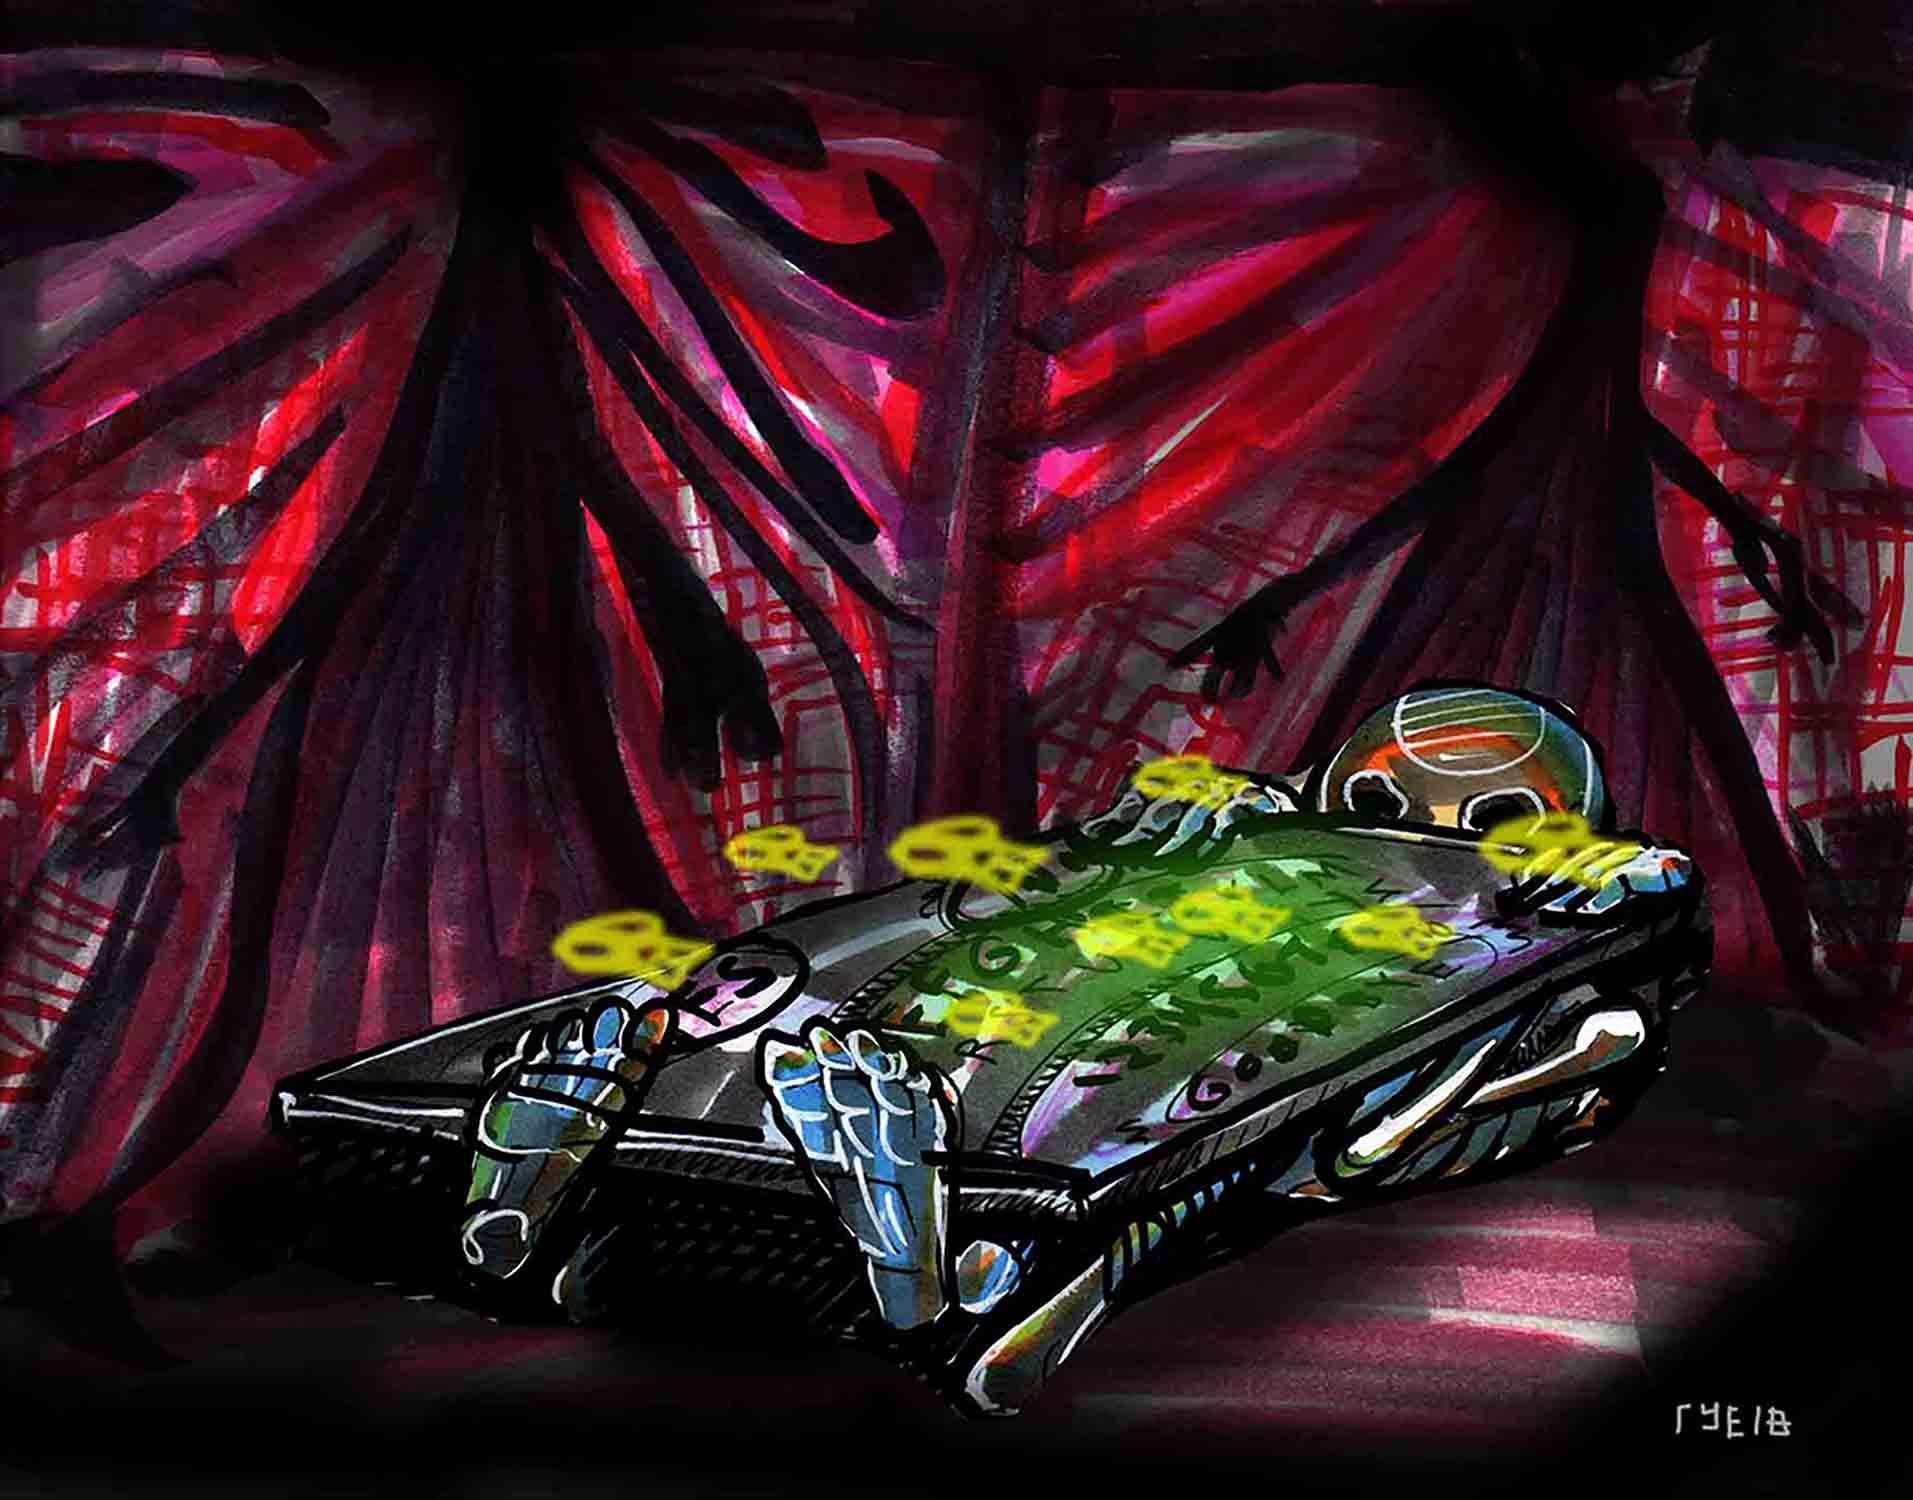 nw film fest ouija board sk1 web.jpg